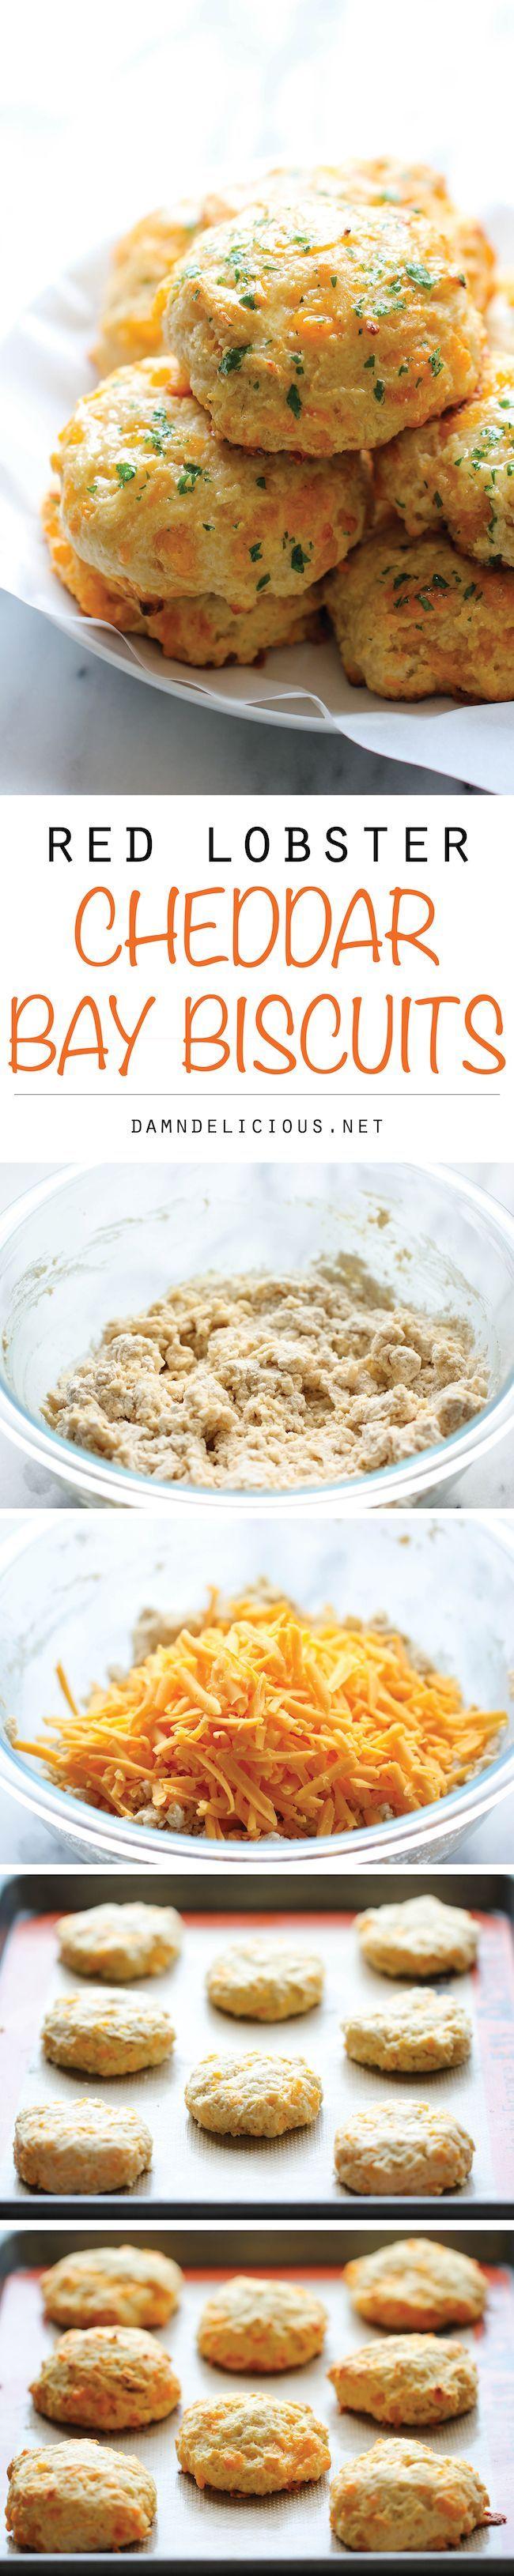 Red Lobster Cheddar Bay Biscuits | Rezept | Vegetarisch, Schnelle ...